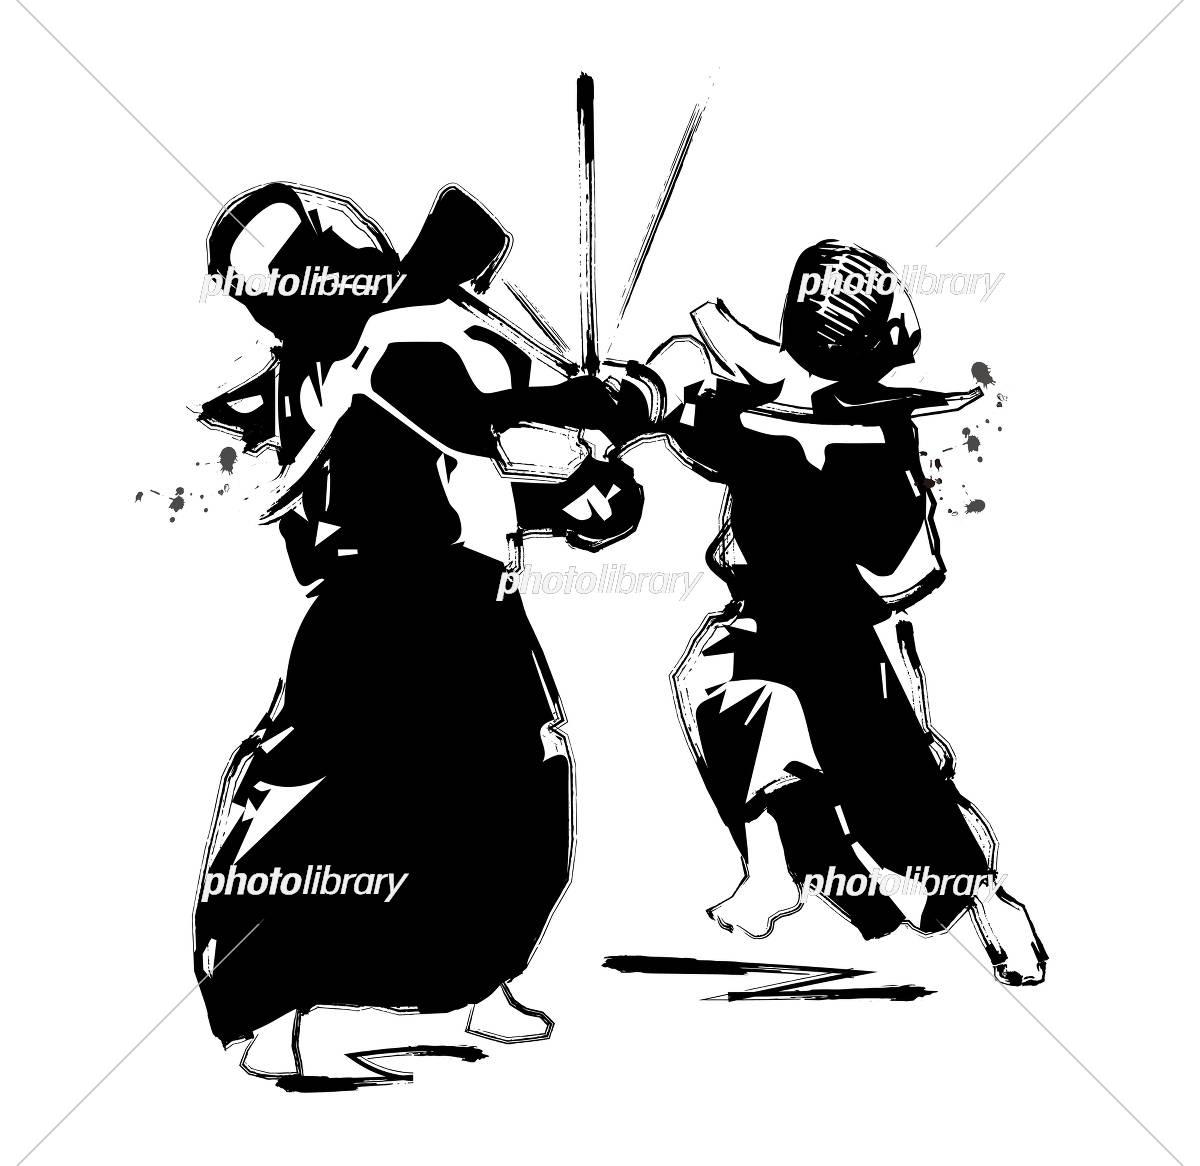 剣道 イラスト素材 [ 5300194 ] - フォトライブラリー photolibrary